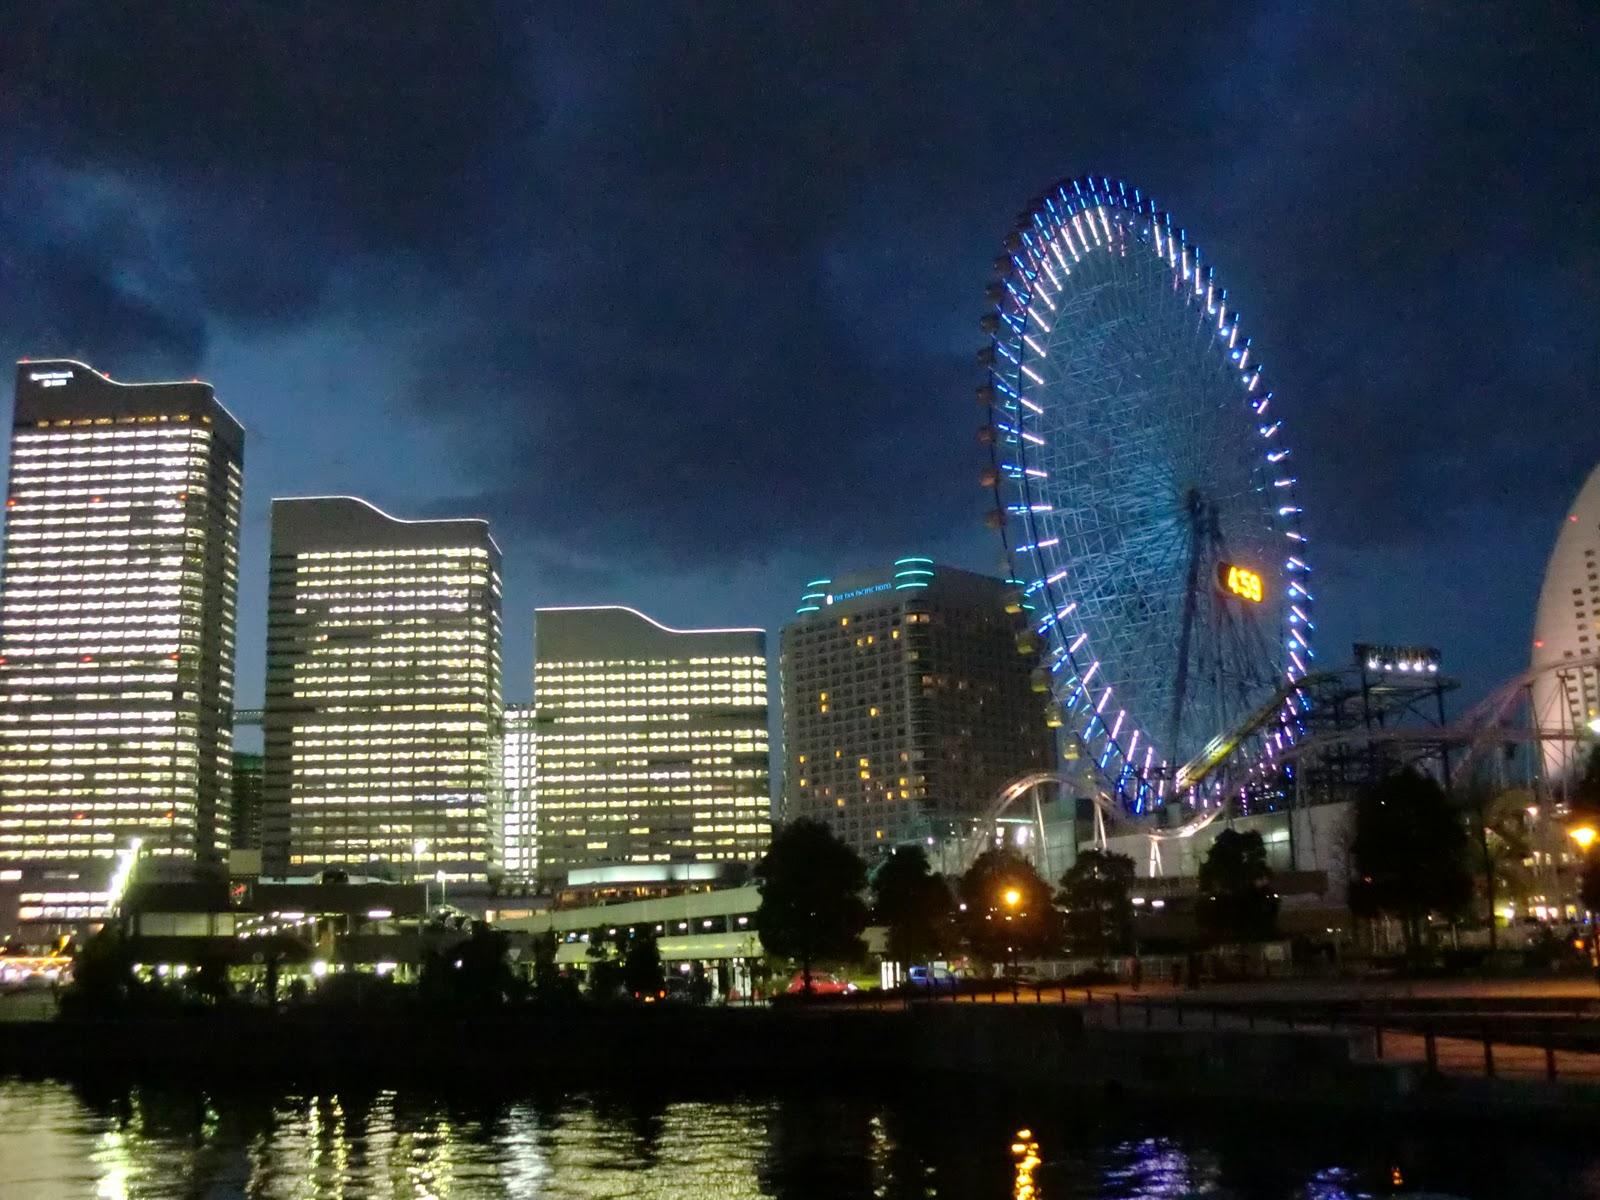 Odaiba ferris wheel in the Palette town region of Tokyo